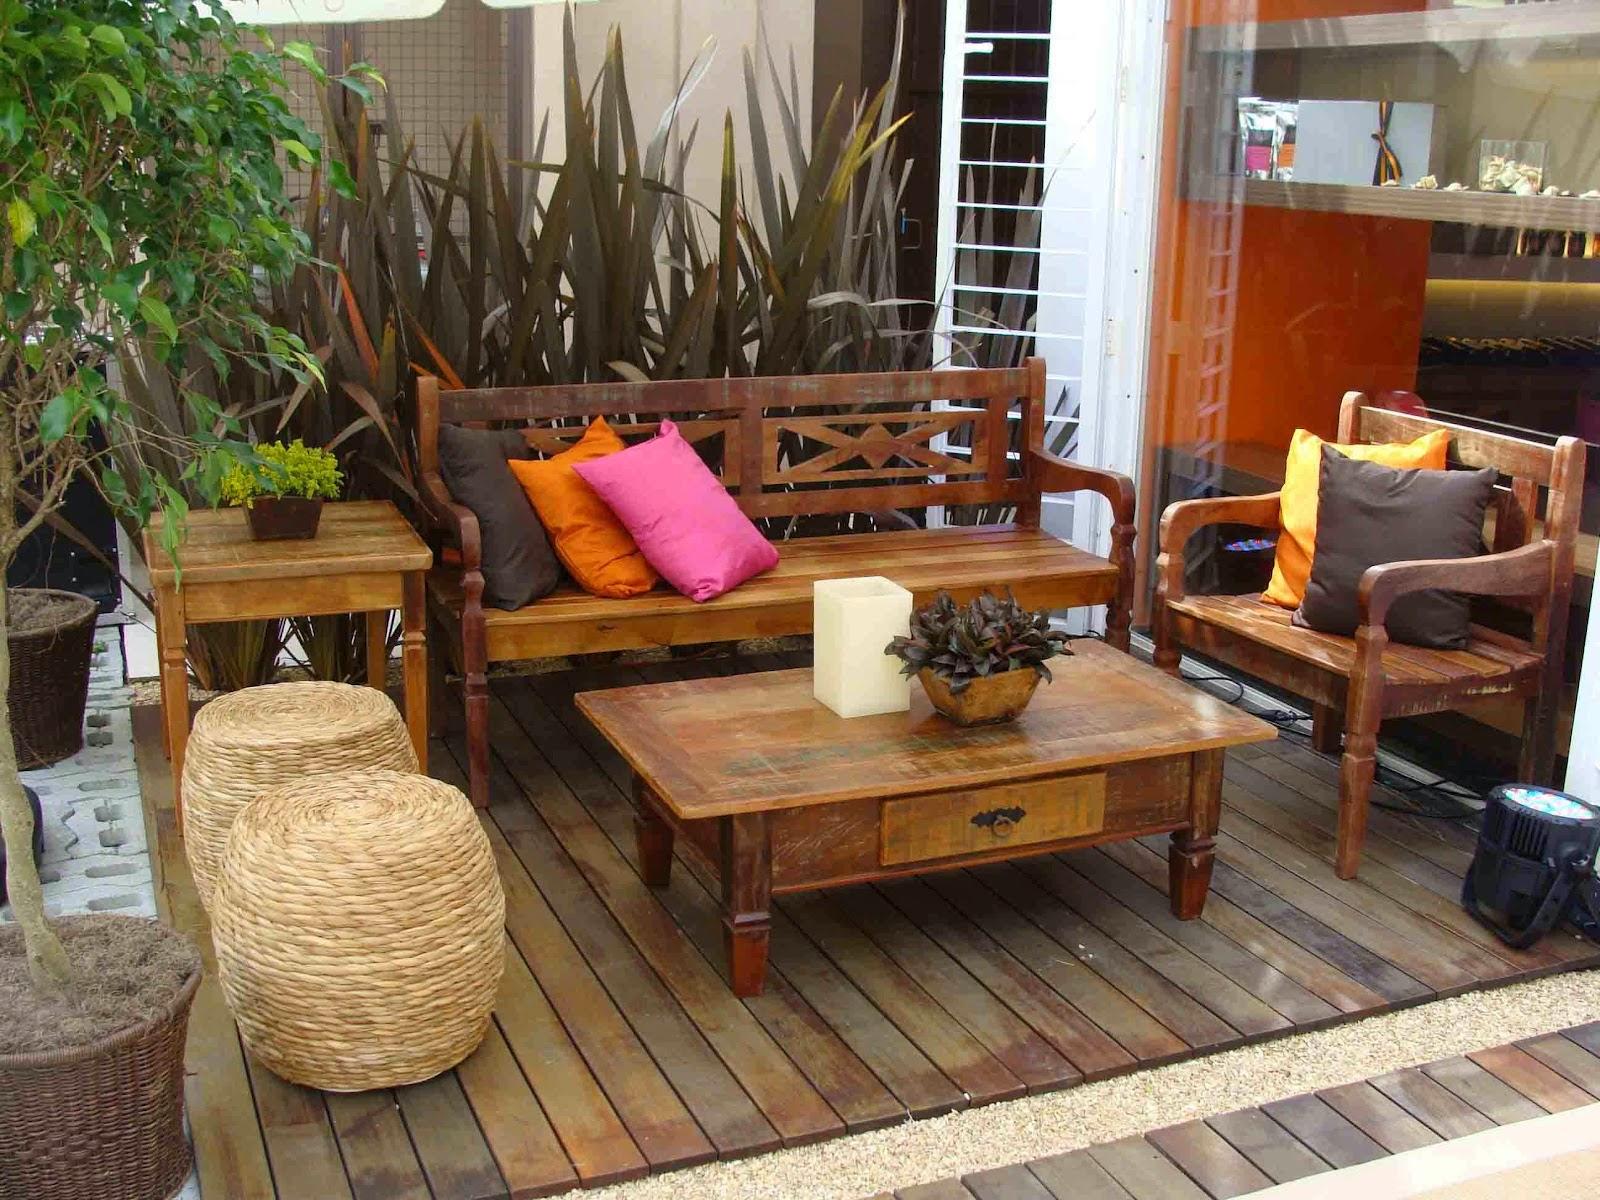 Ideias de decoração para casa de madeira 1